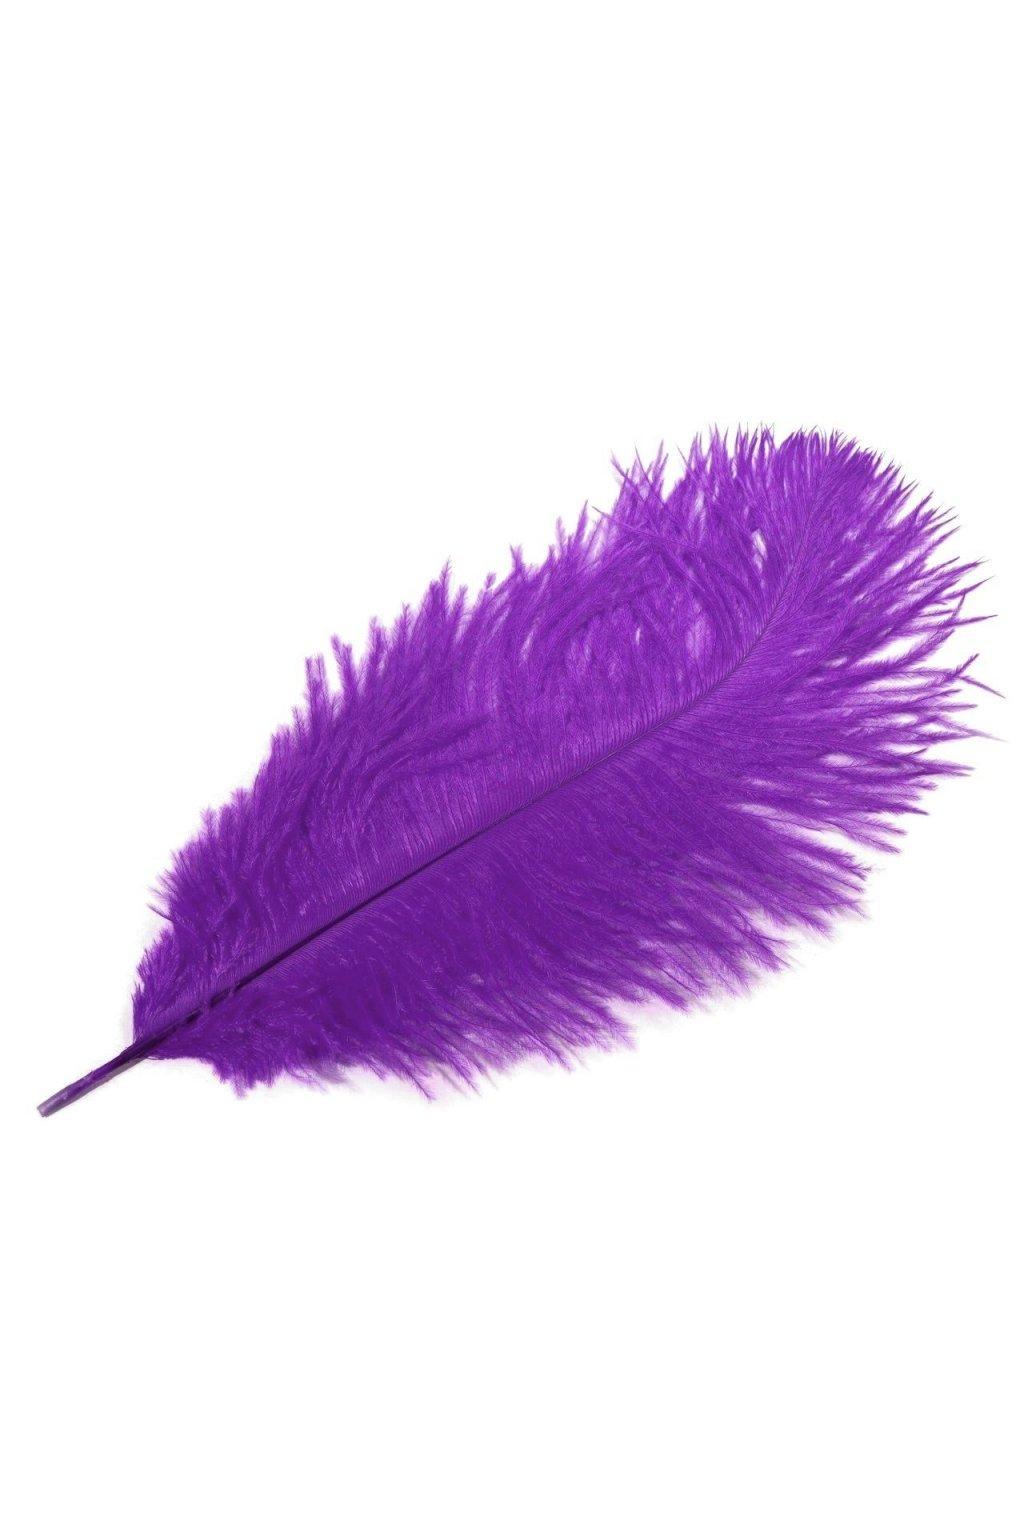 Pštrosí peří 25 cm - fialové